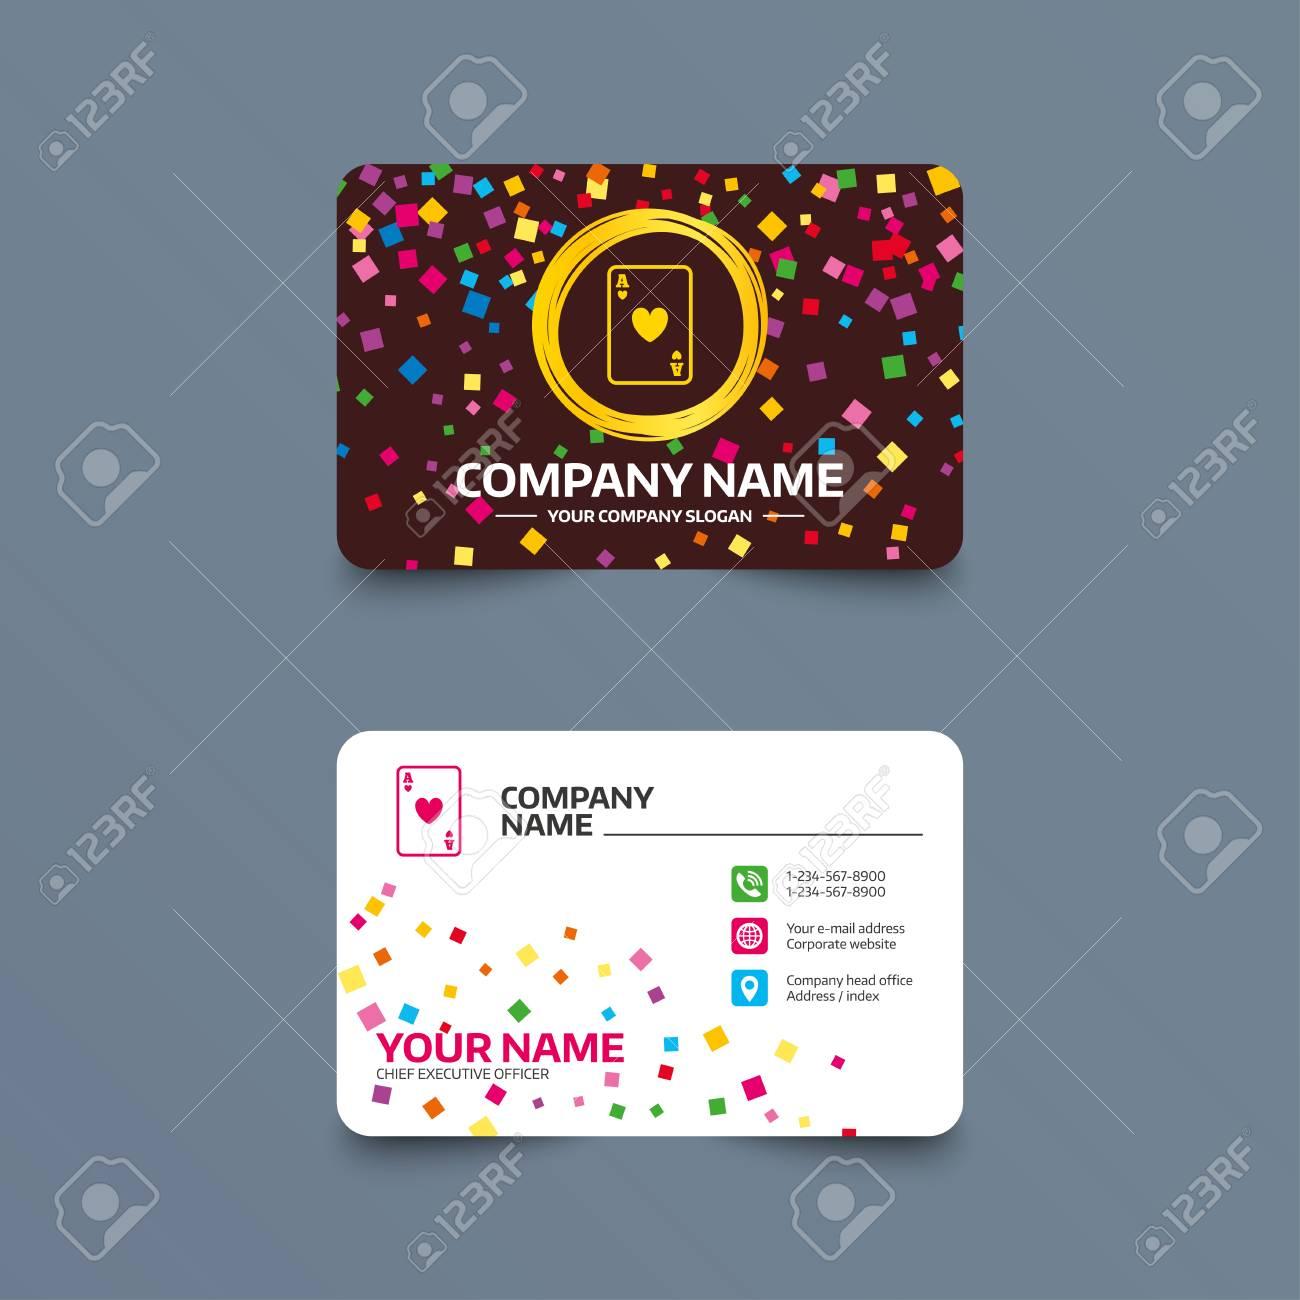 Modle De Carte Visite Avec Des Morceaux Confettis Icne Signe Casino Symbole La Jouer As Cur Icnes Tlphone Web Et